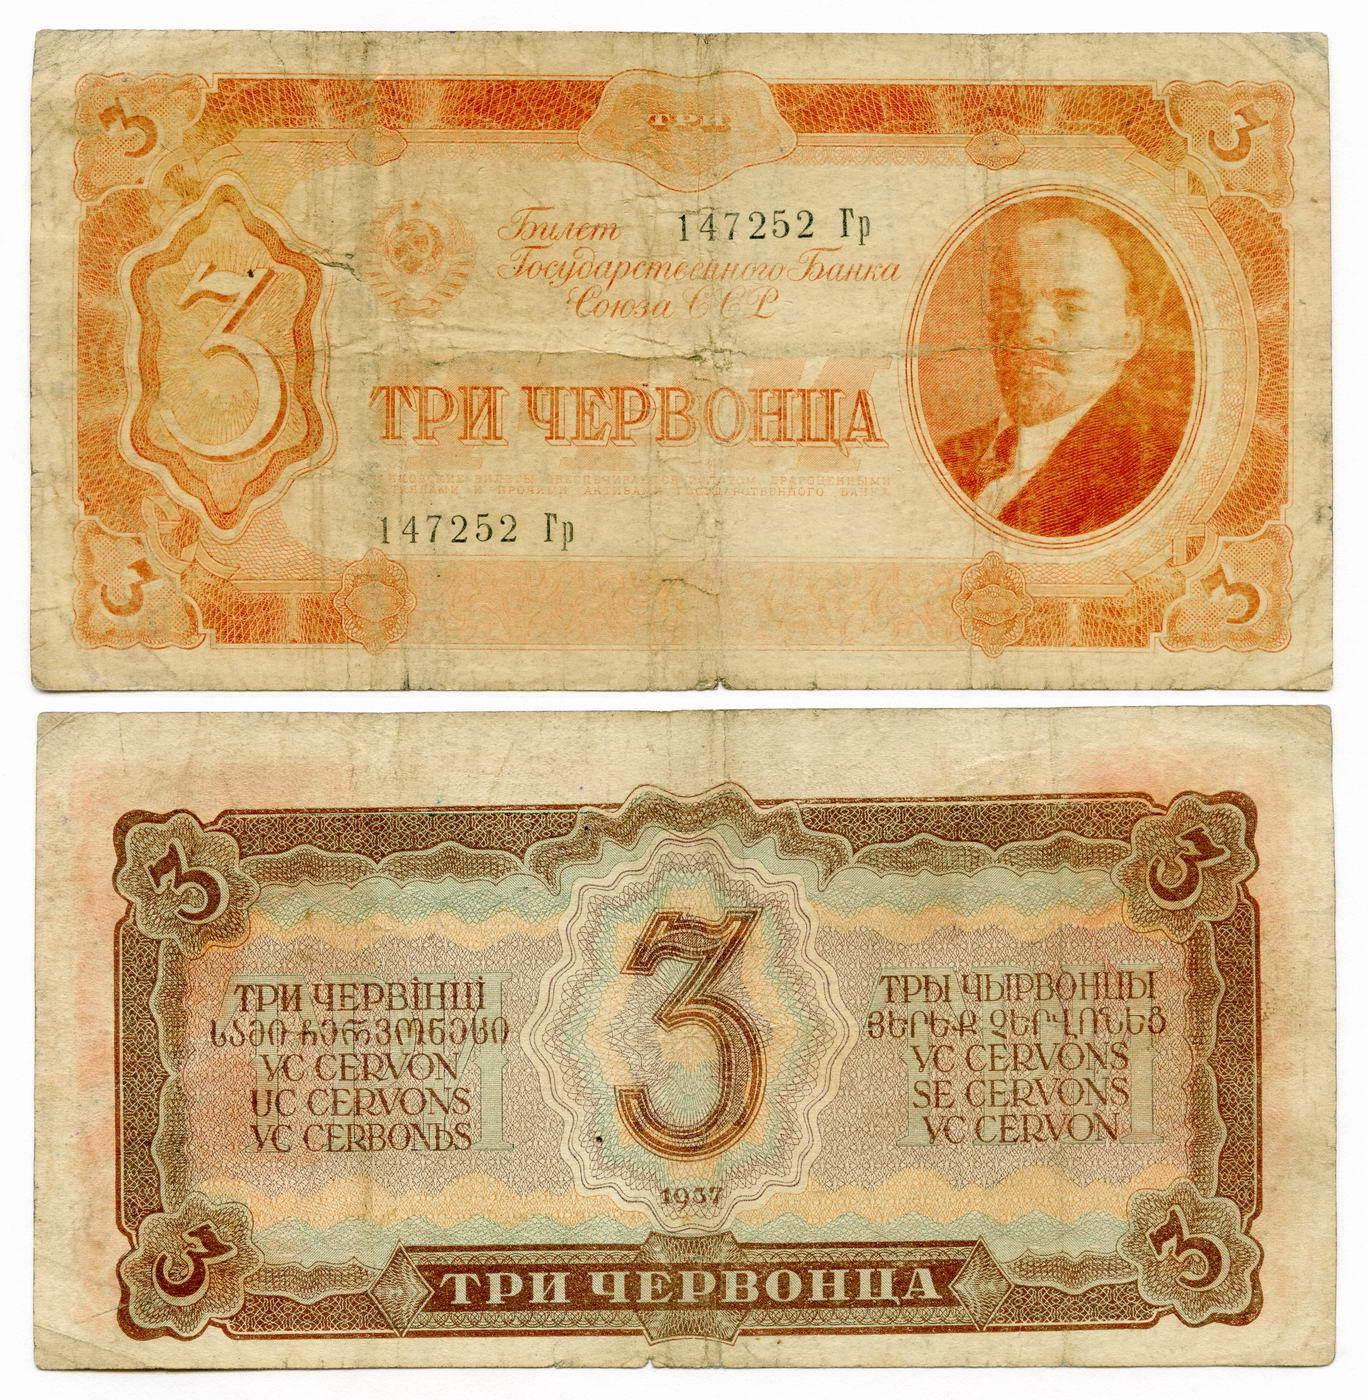 3 червонца. СССР. 1937 год.